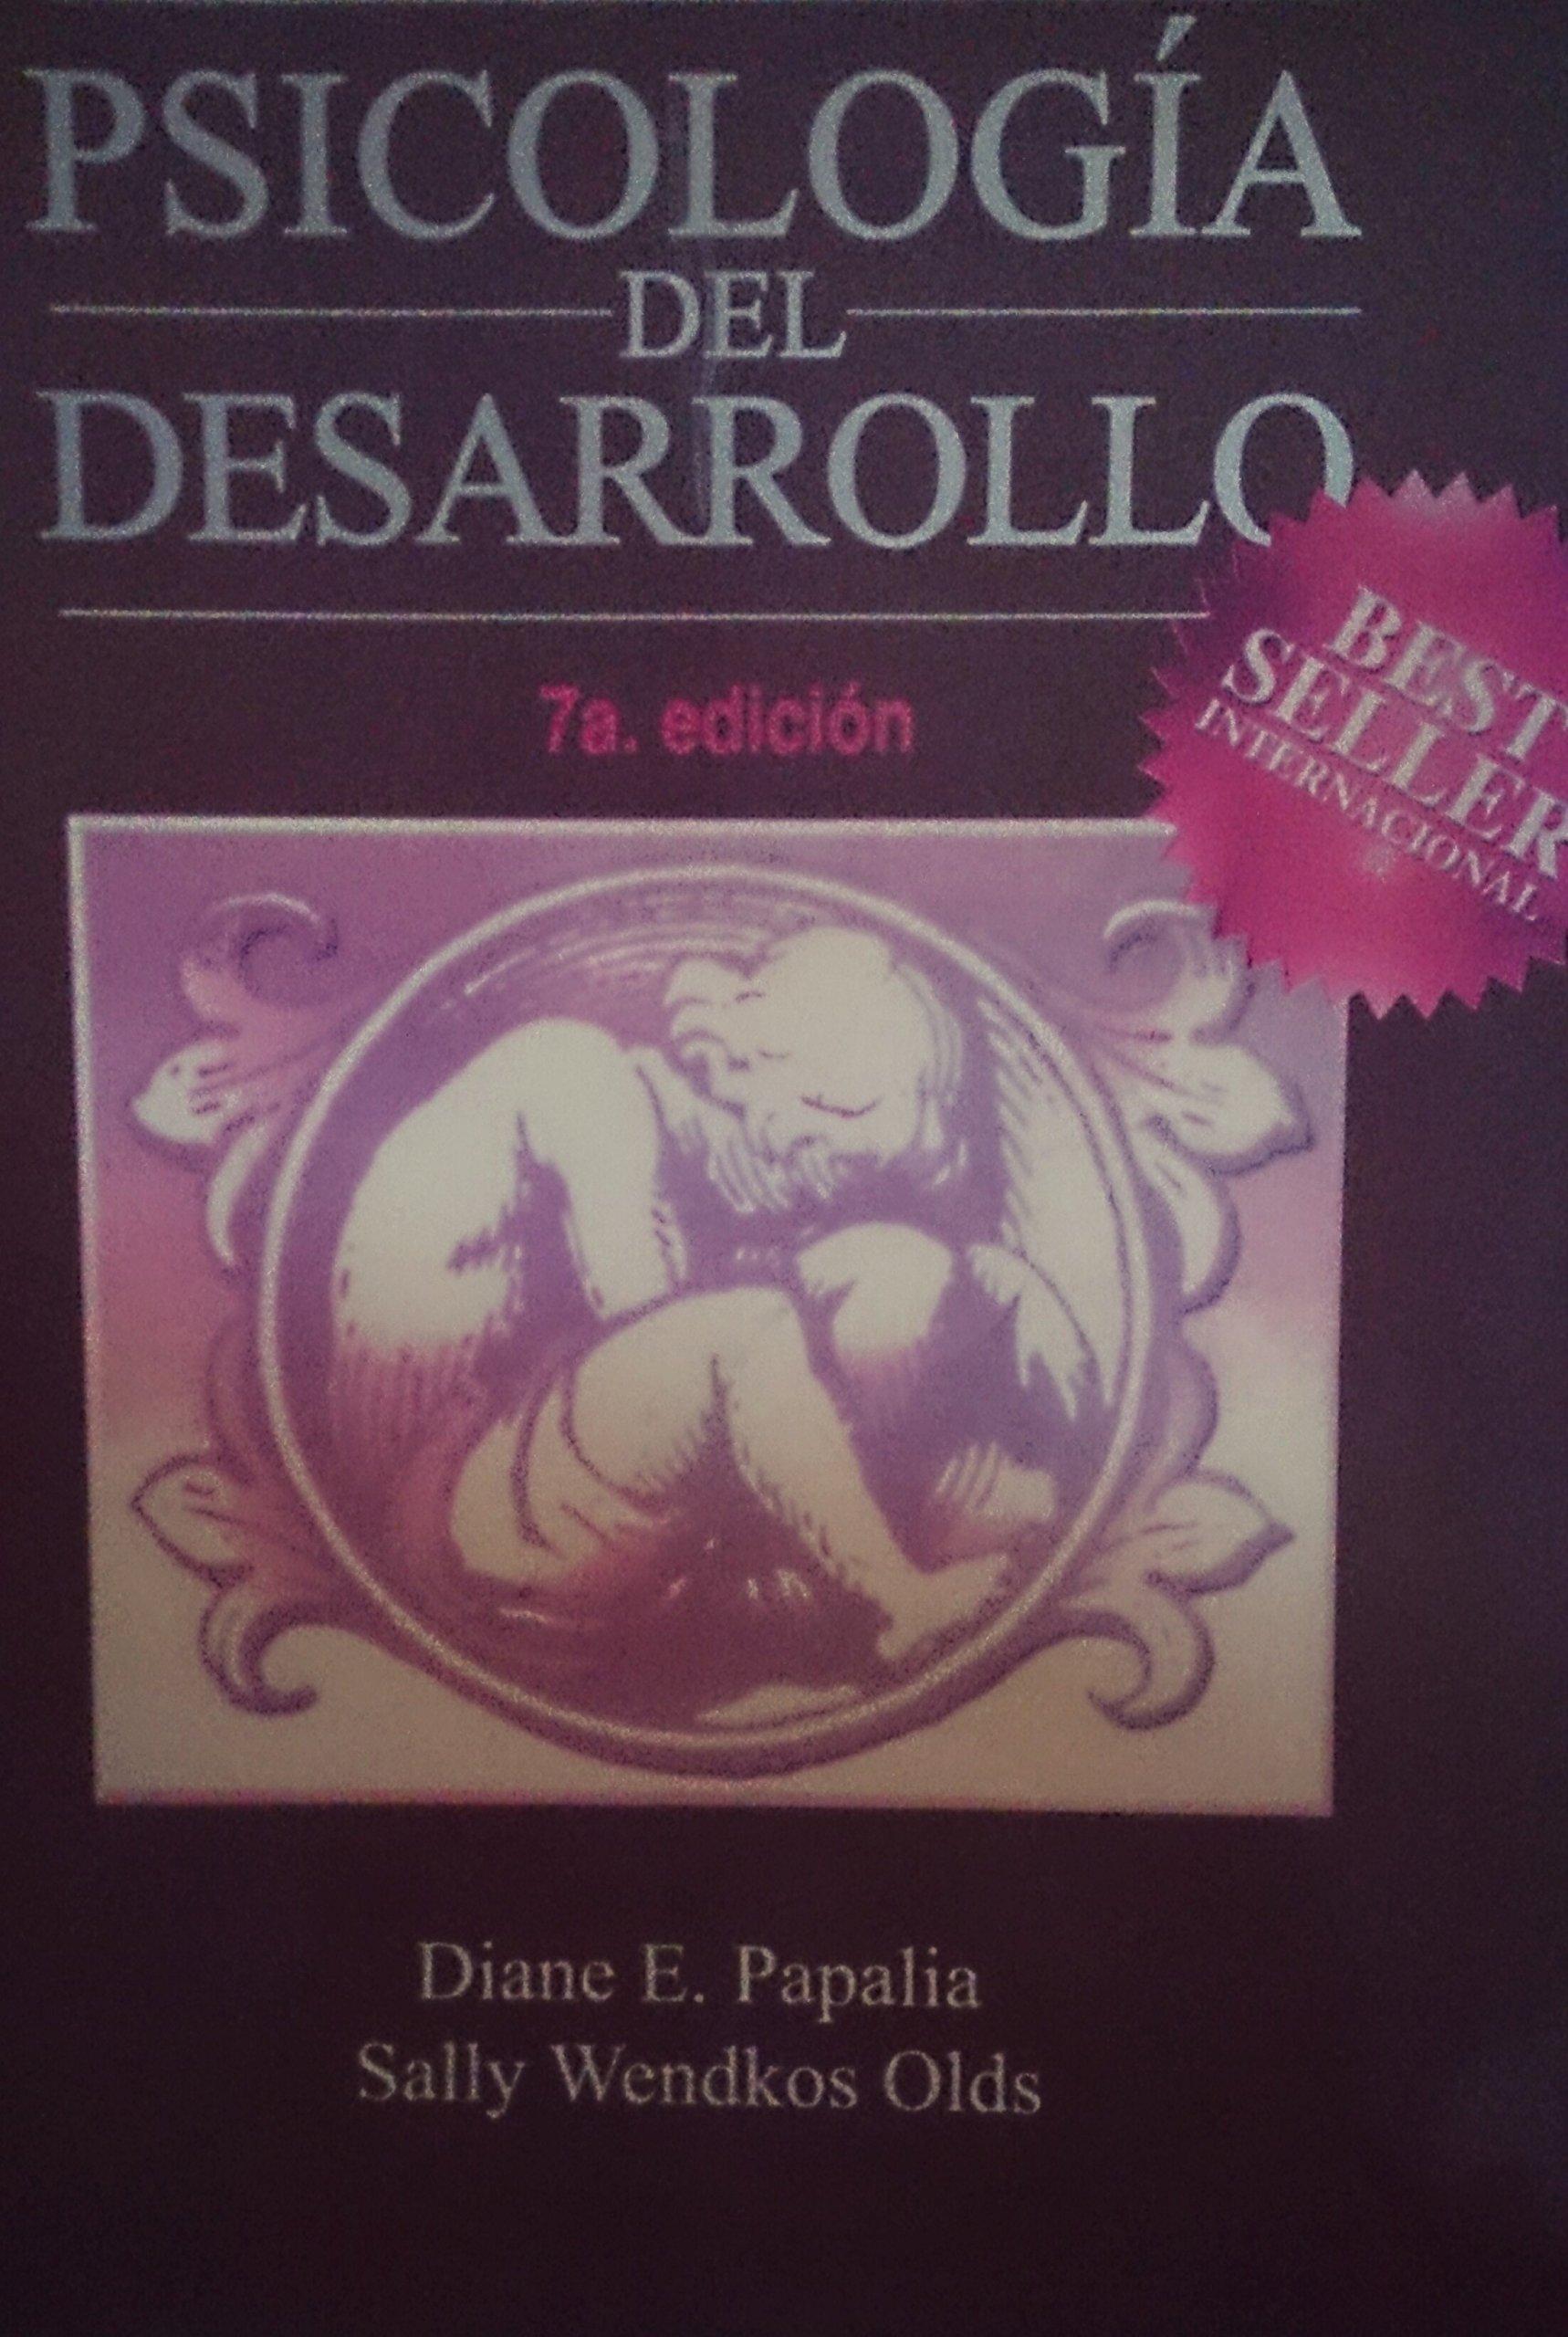 Psicologia Del Desarrollo 7 Edicion Spanish Edition Olds Sally Brookens Papalia Diane 9789586007054 Books